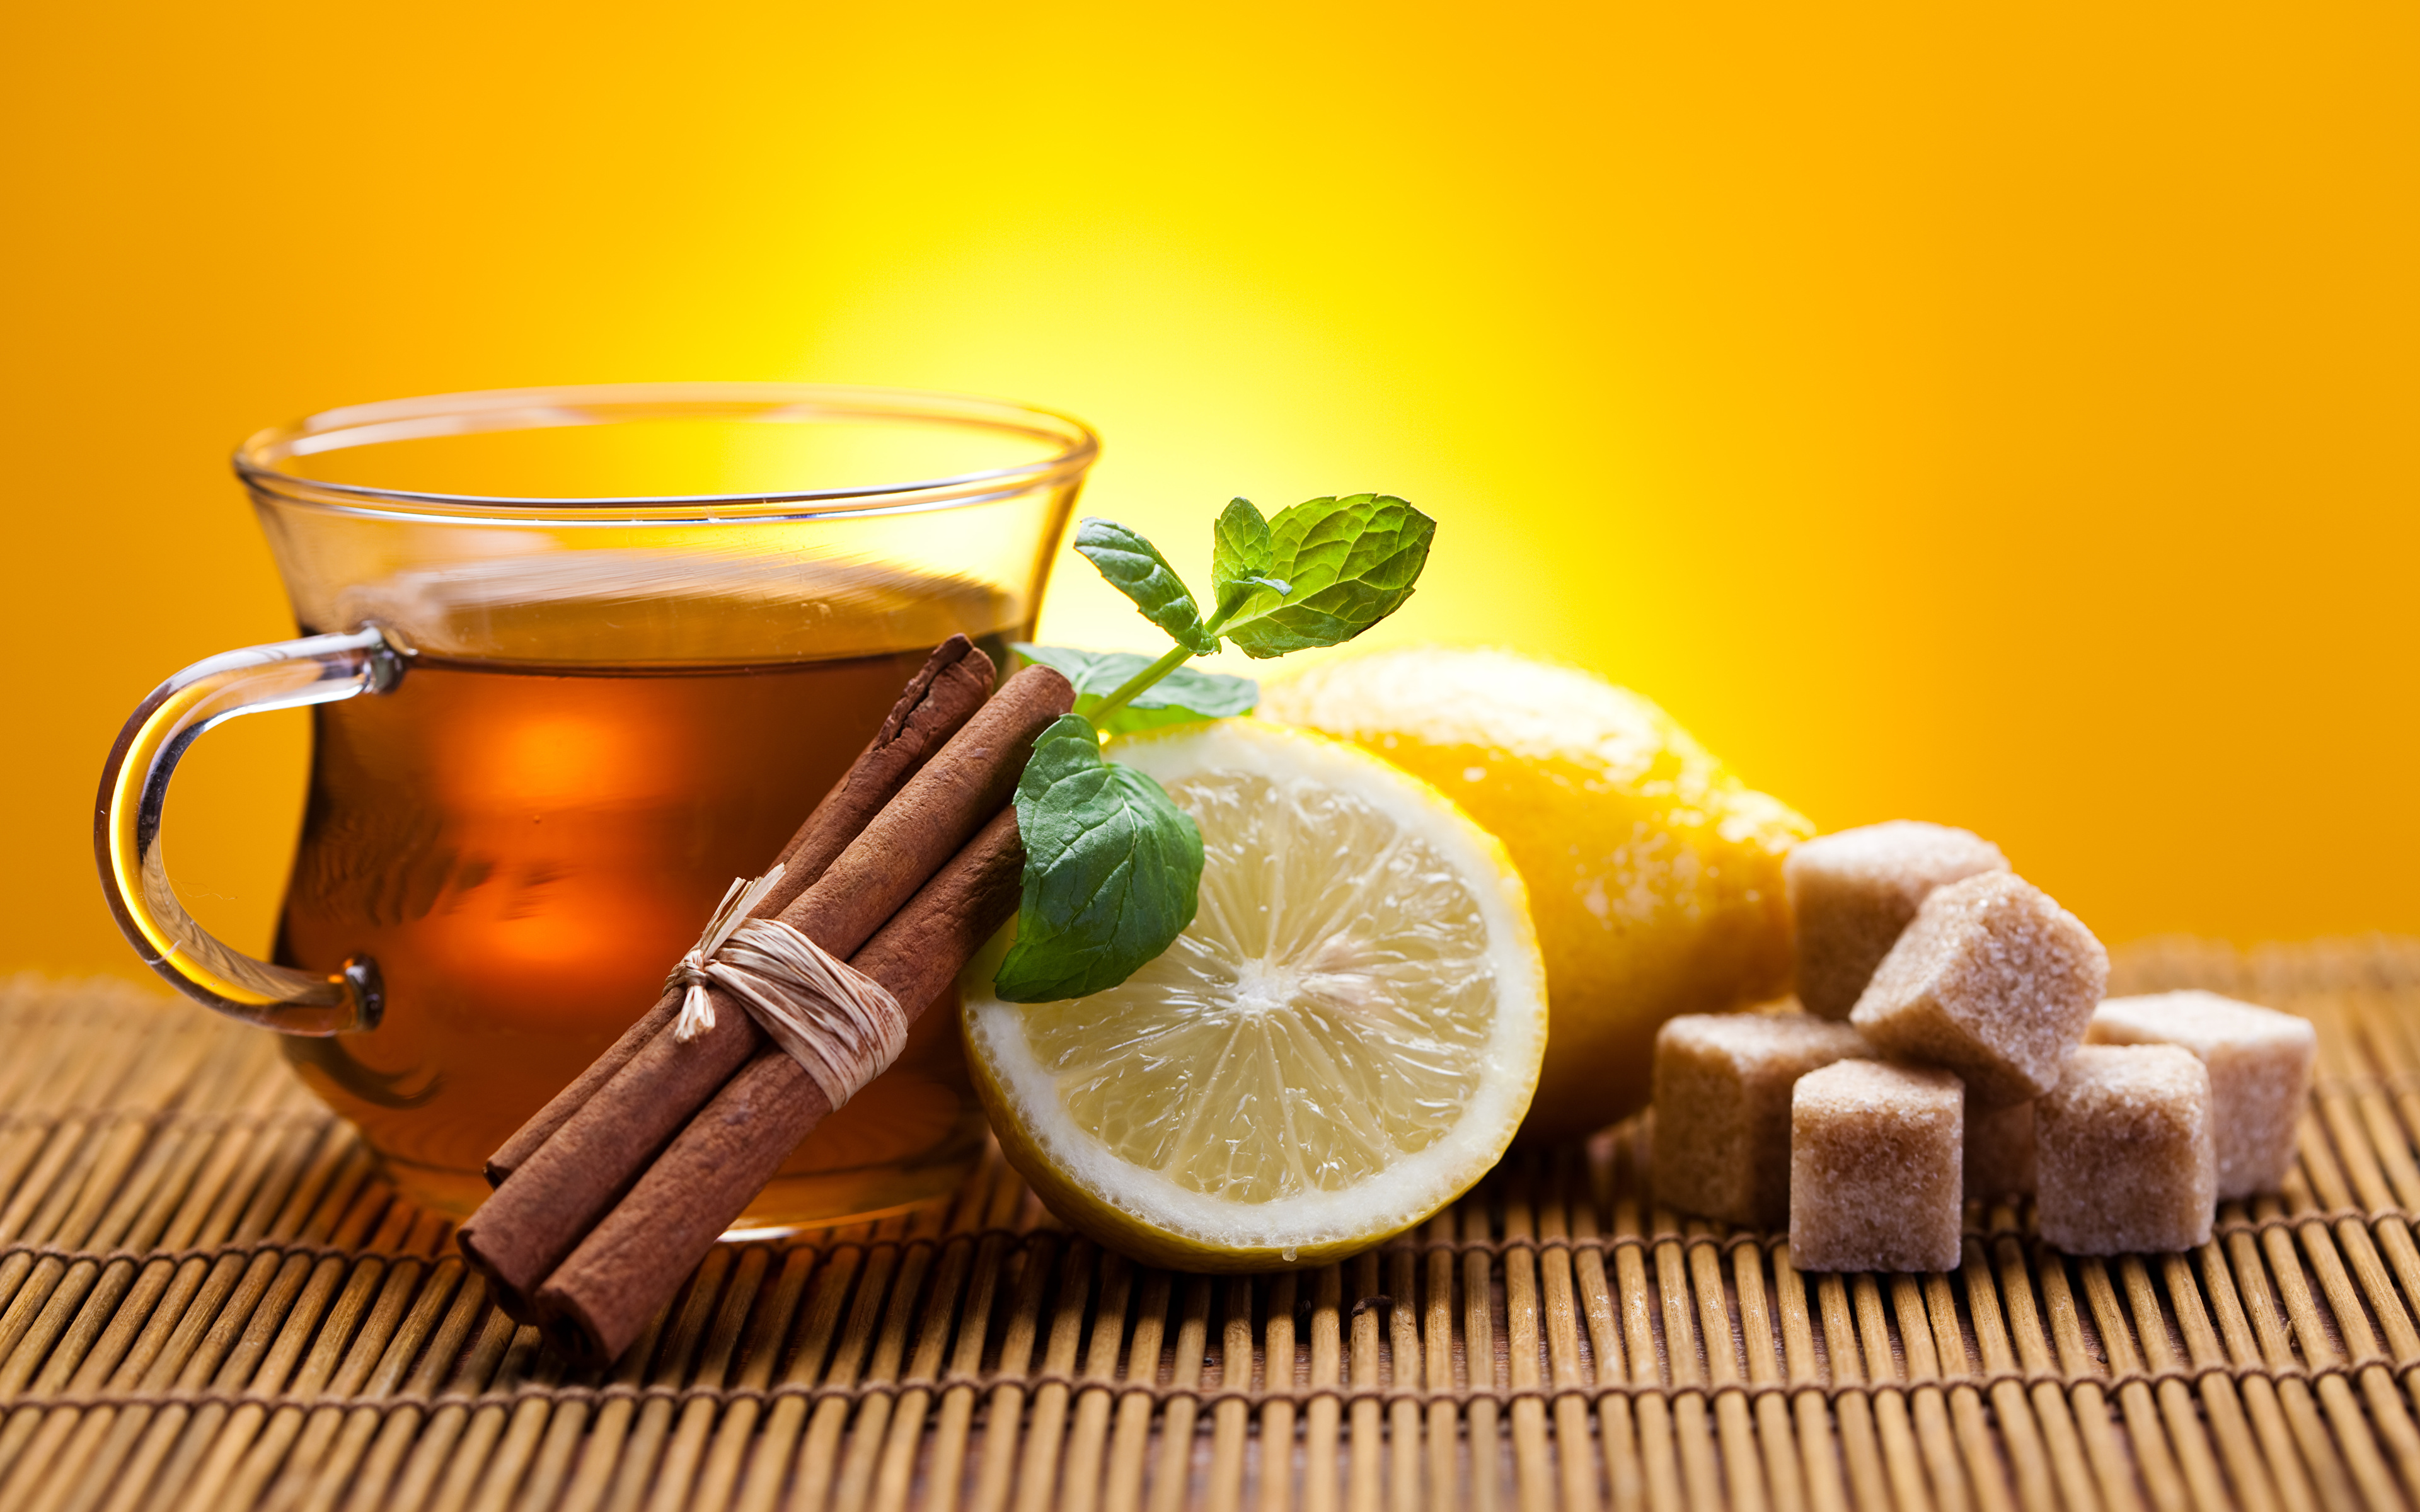 еда чай лимон мята eda tea lemon flicking  № 676132 загрузить